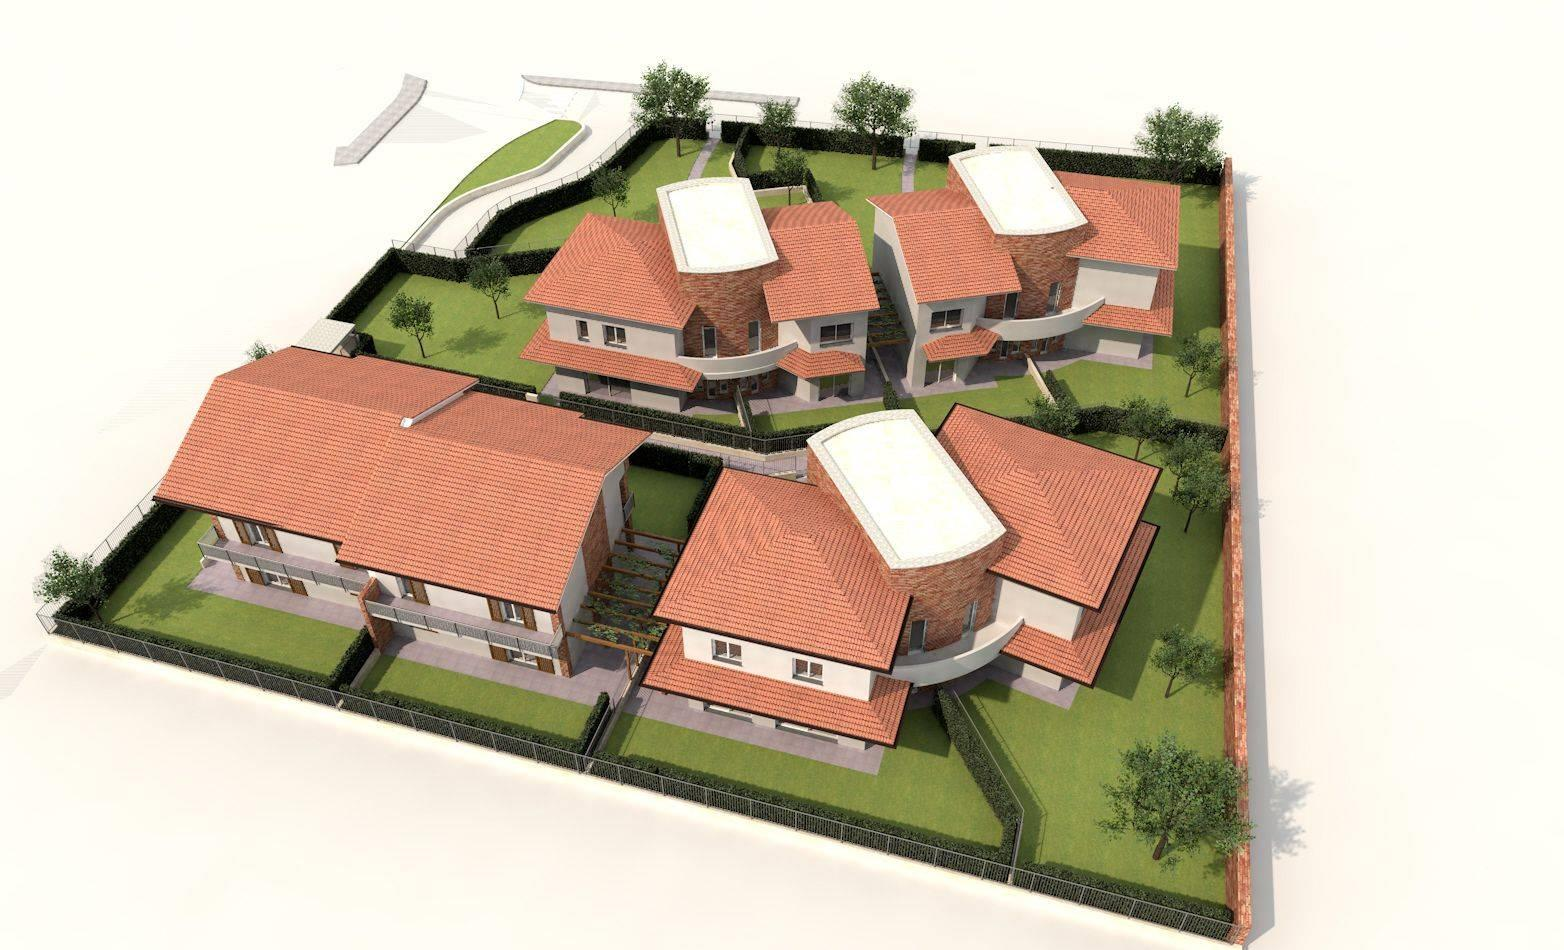 Foto 18 - Villa in Vendita - Aicurzio (Monza e Brianza)